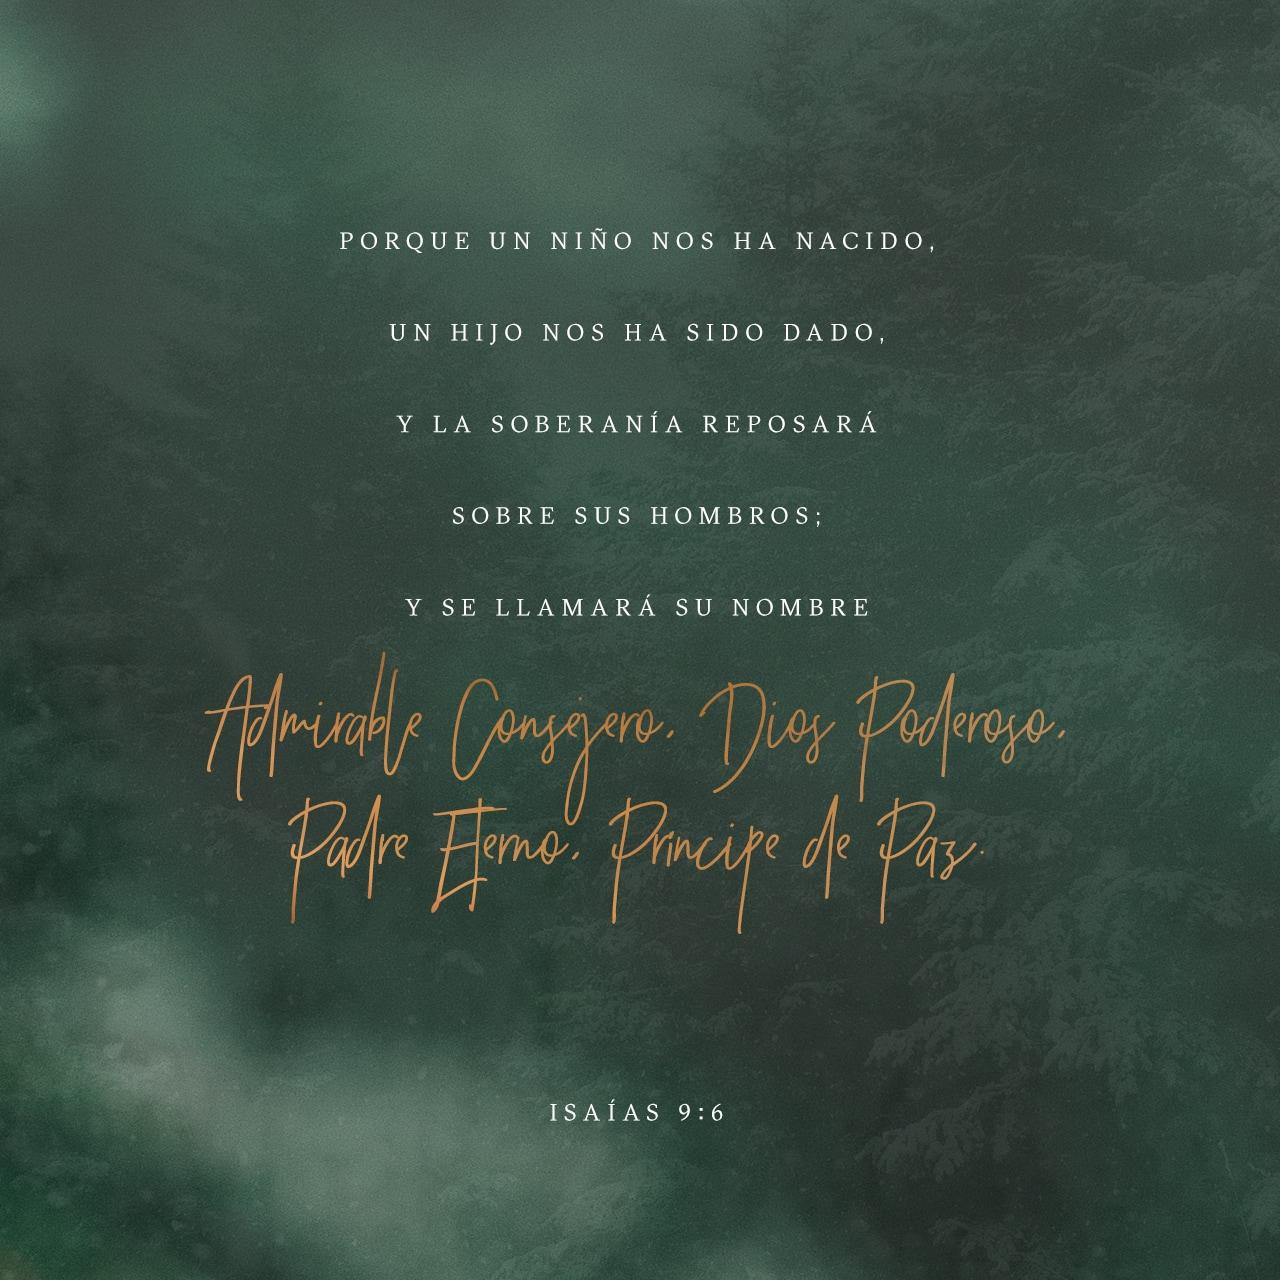 Isaías 9:6 Imagen de Versículo